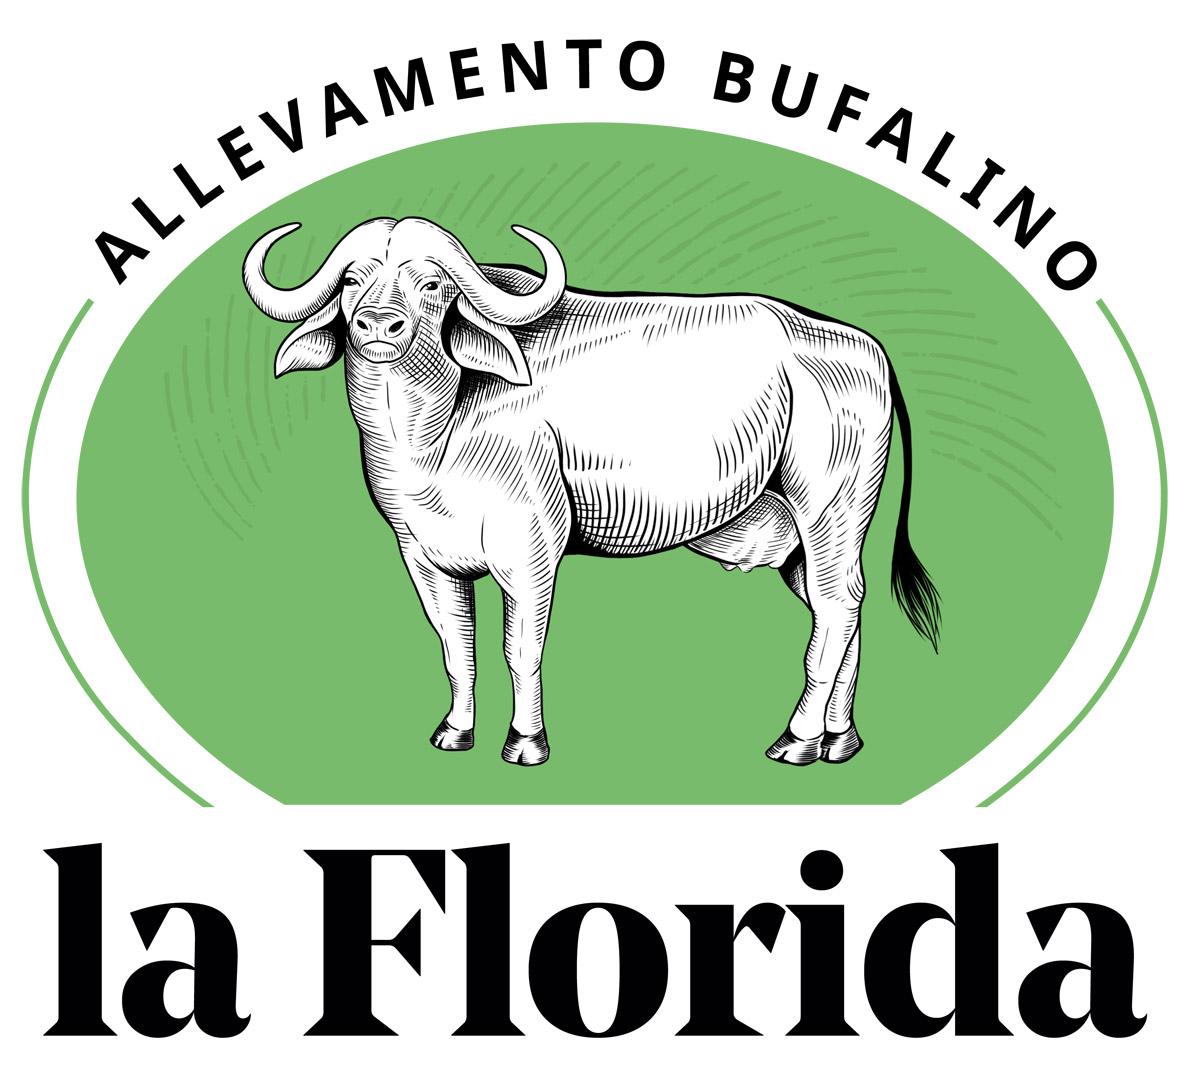 Allevamento bufalino La Florida